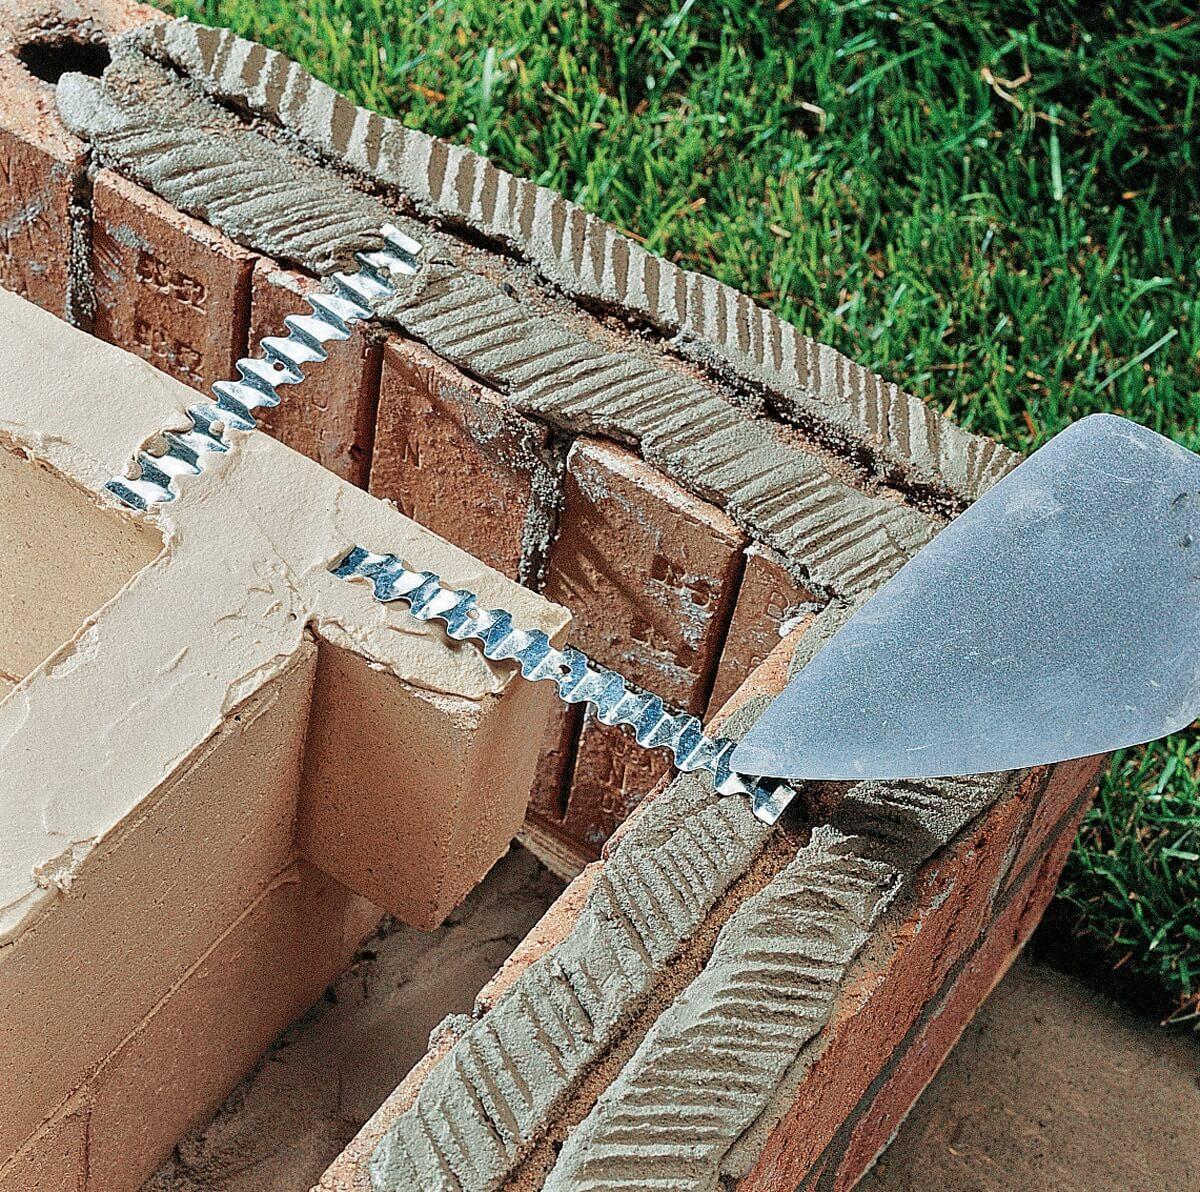 Использование металлических закладных для скрепления внешнего и внутреннего ряда